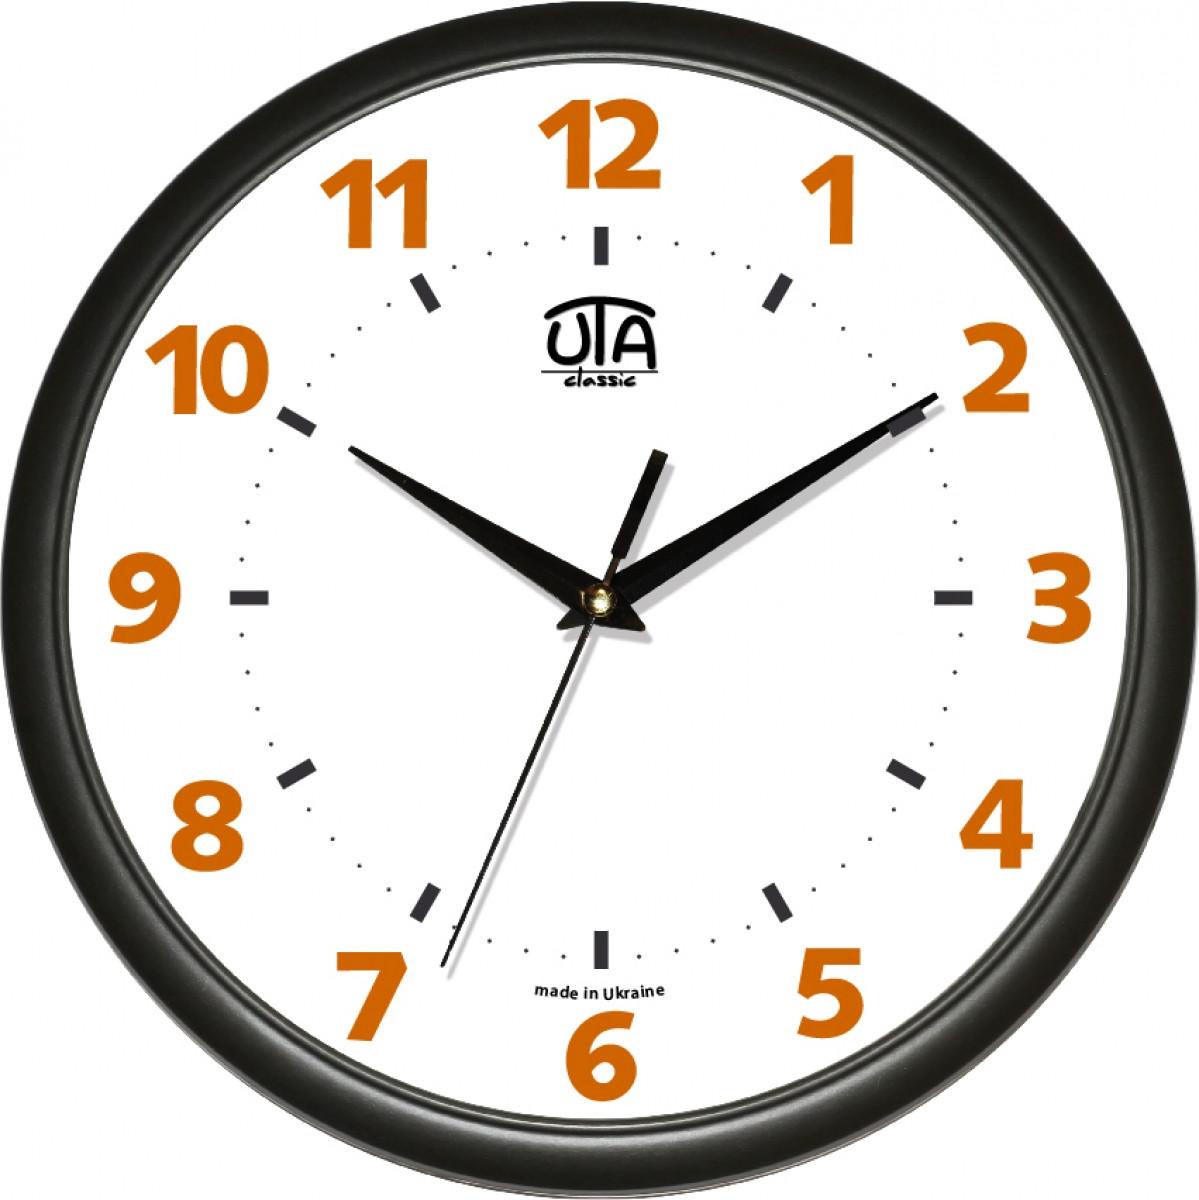 Часы настенные UTA Сlassic 300 х 300 х 45 мм с чёрным ободом